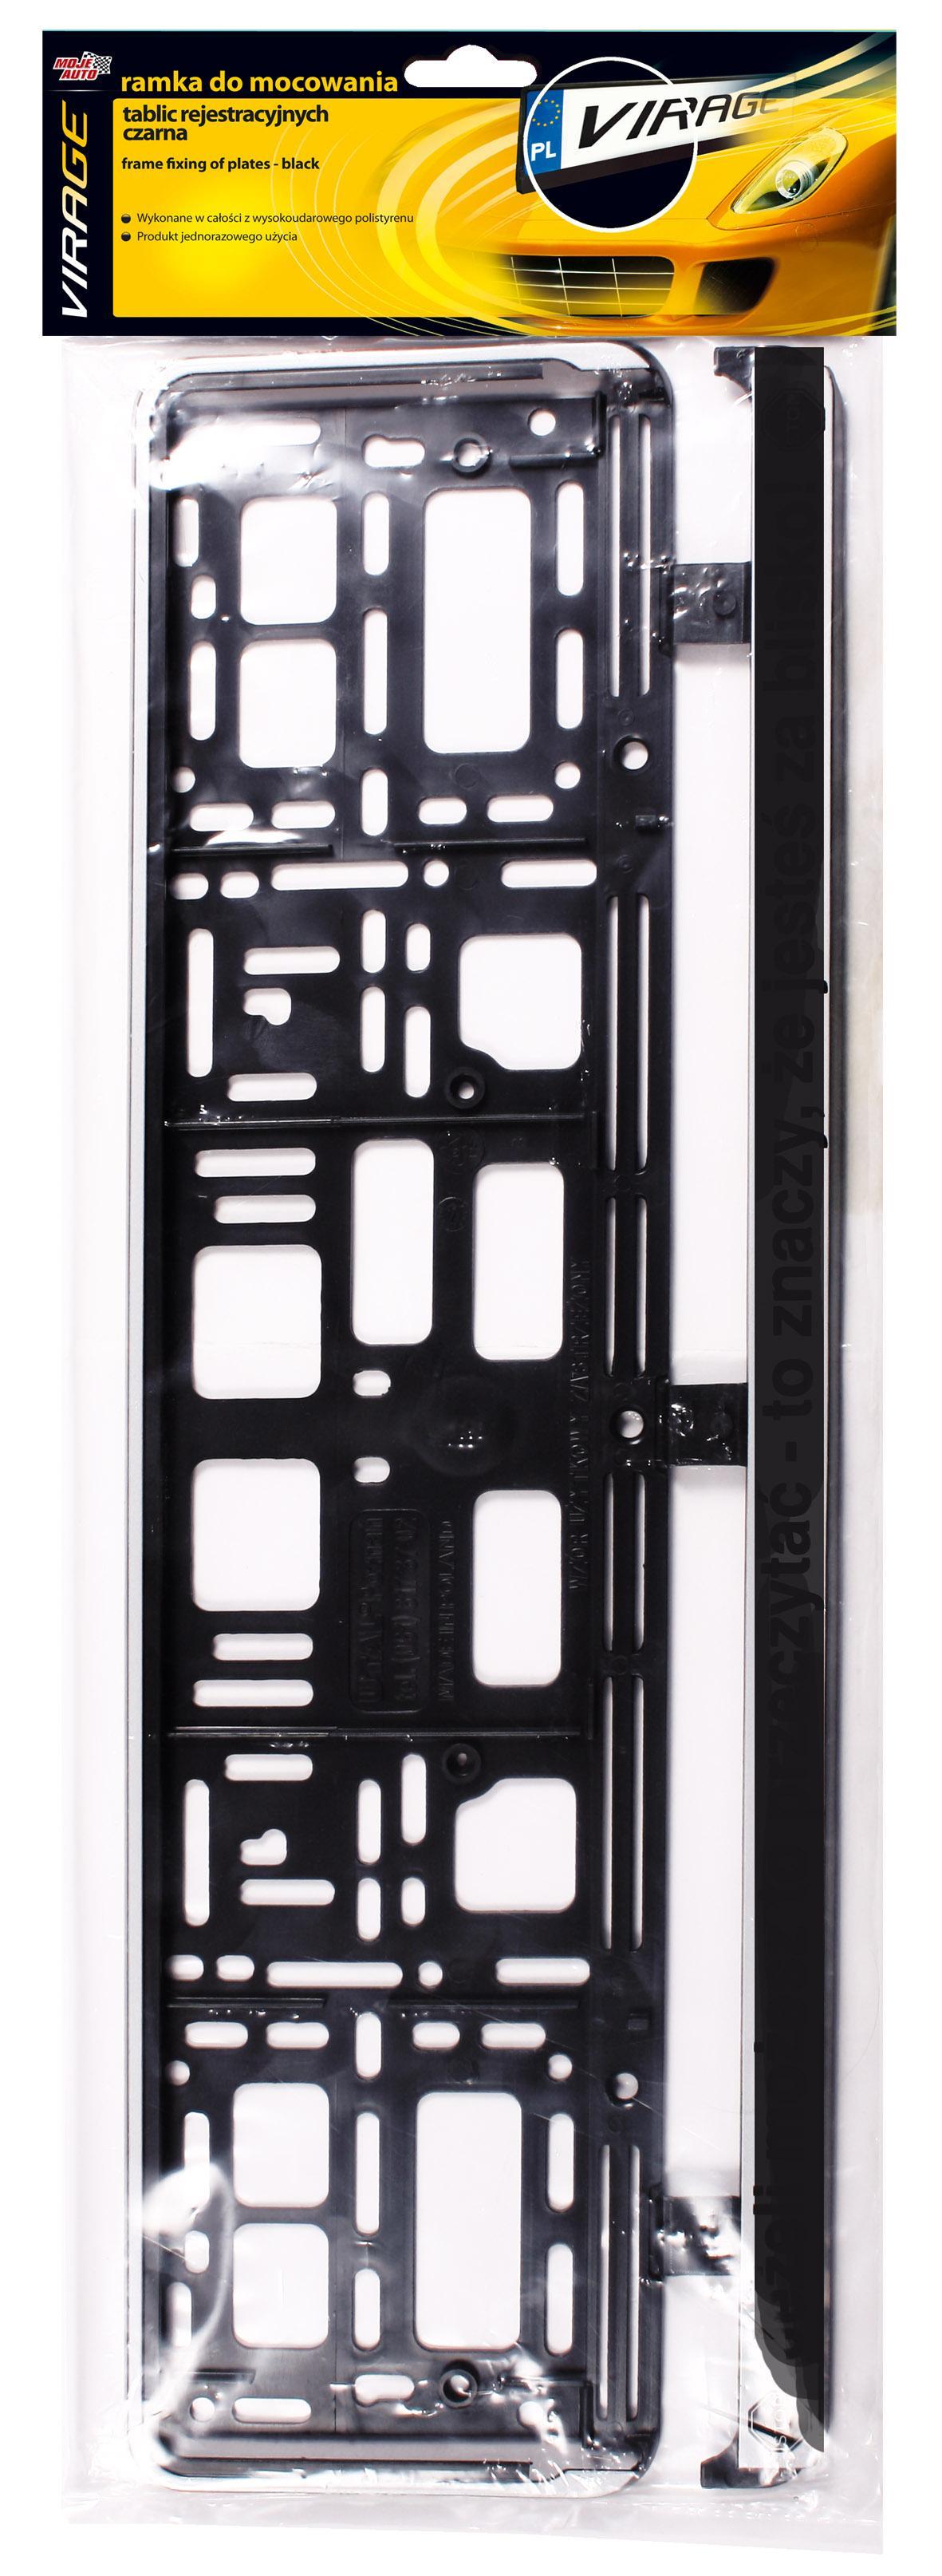 93001 Kennzeichenhalter VIRAGE 93-001 - Original direkt kaufen